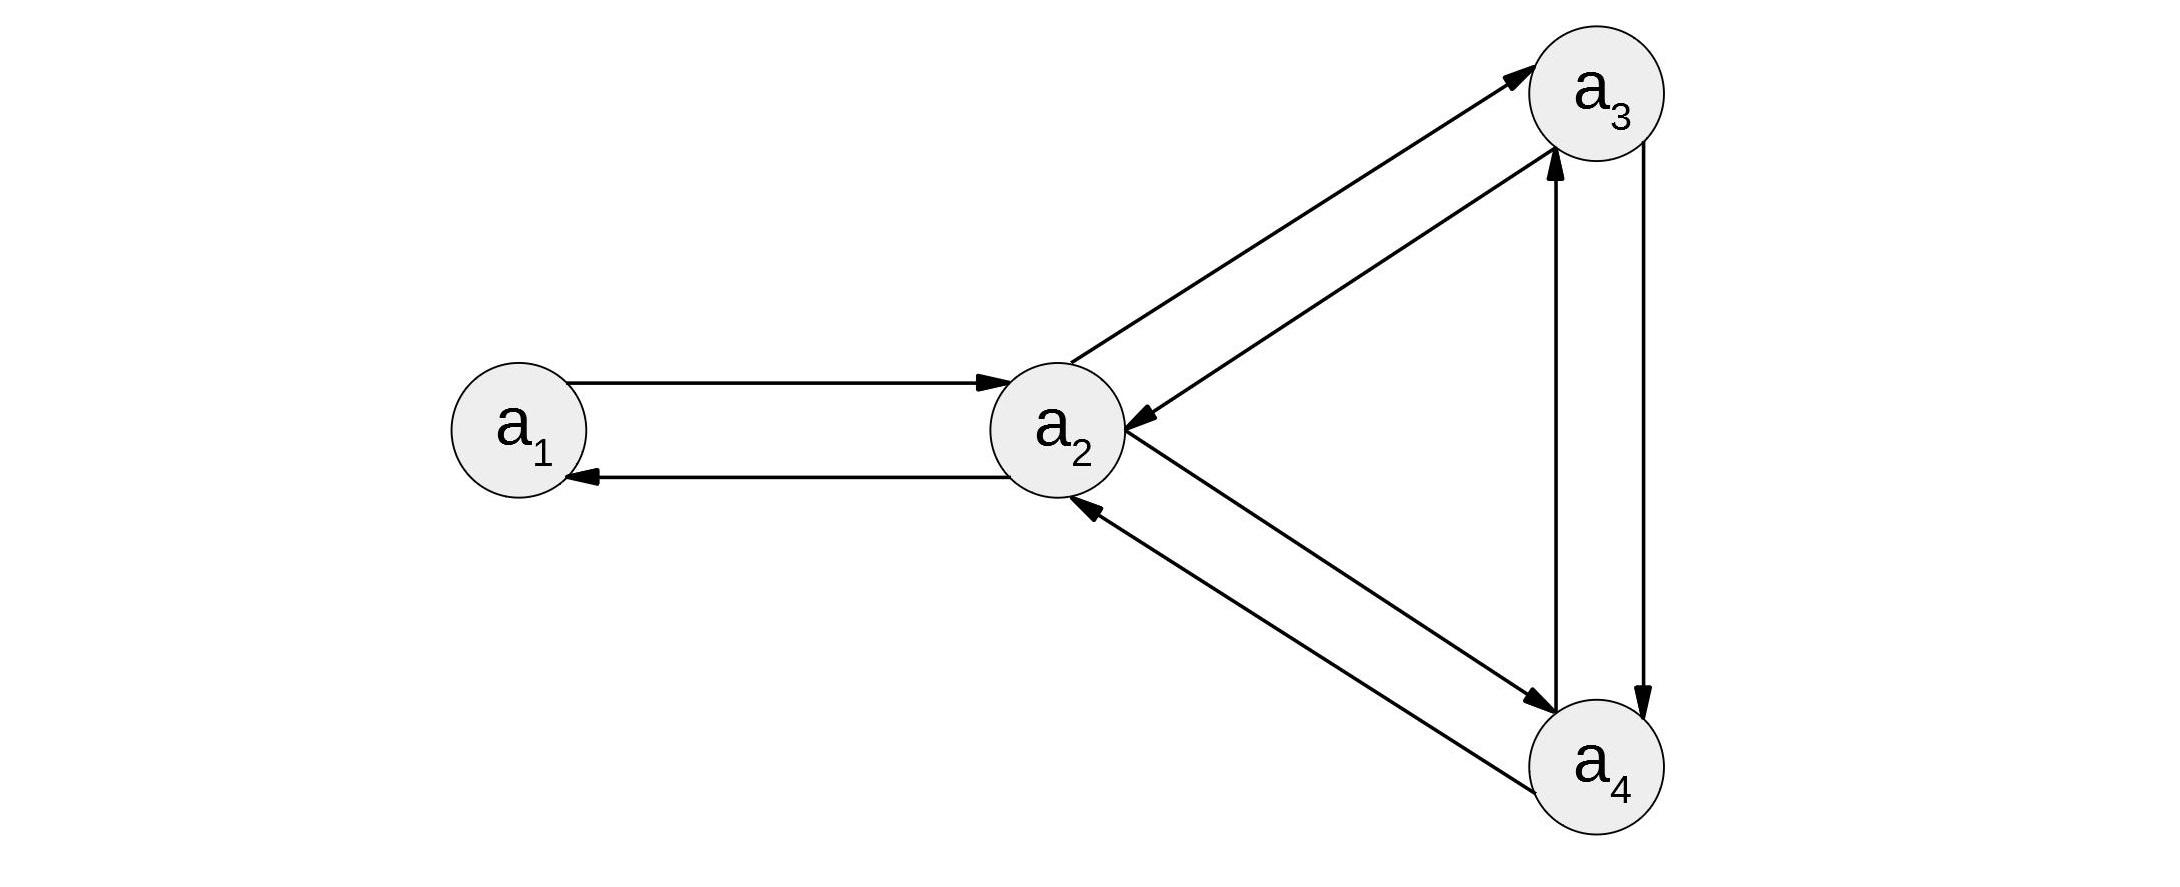 Логистика. Часть 1. Оптимизация авиасообщения по направлениям и формирование расписания - 57